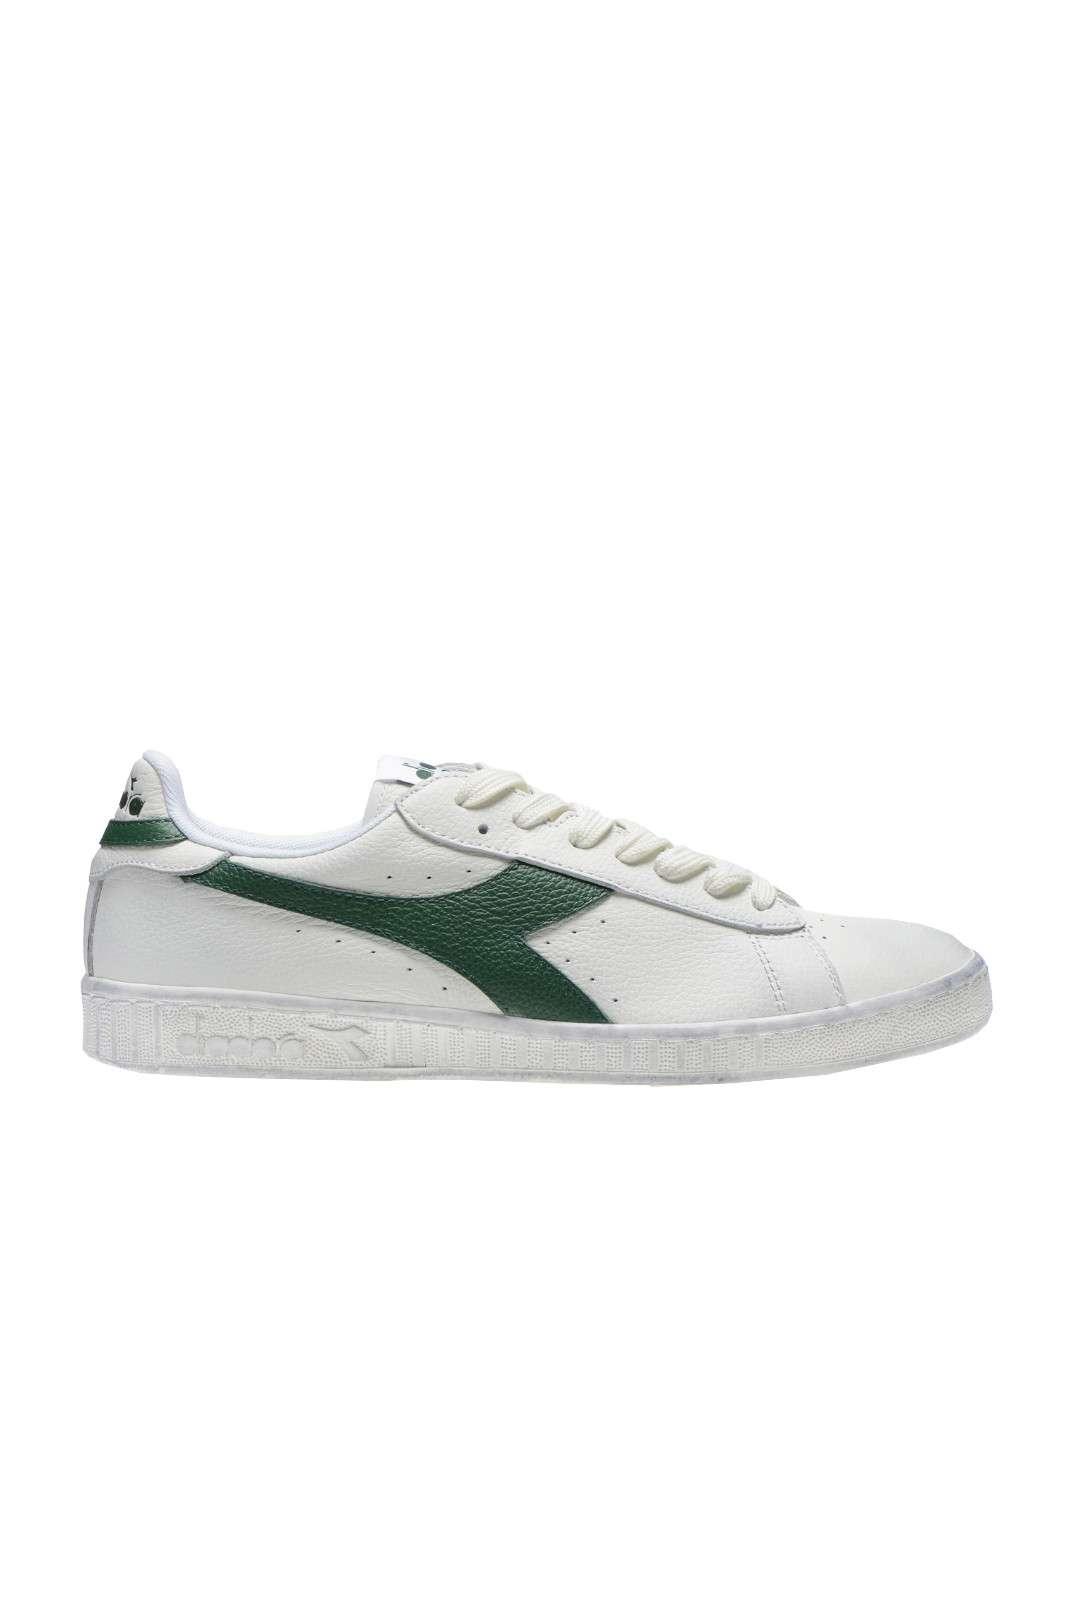 Delle sneakers unisex quelle proposte da questa collezione. Semplici e versatili, sono delle scarpe perfette per i look casual. Abbinate ad un jeans è un evergreen.